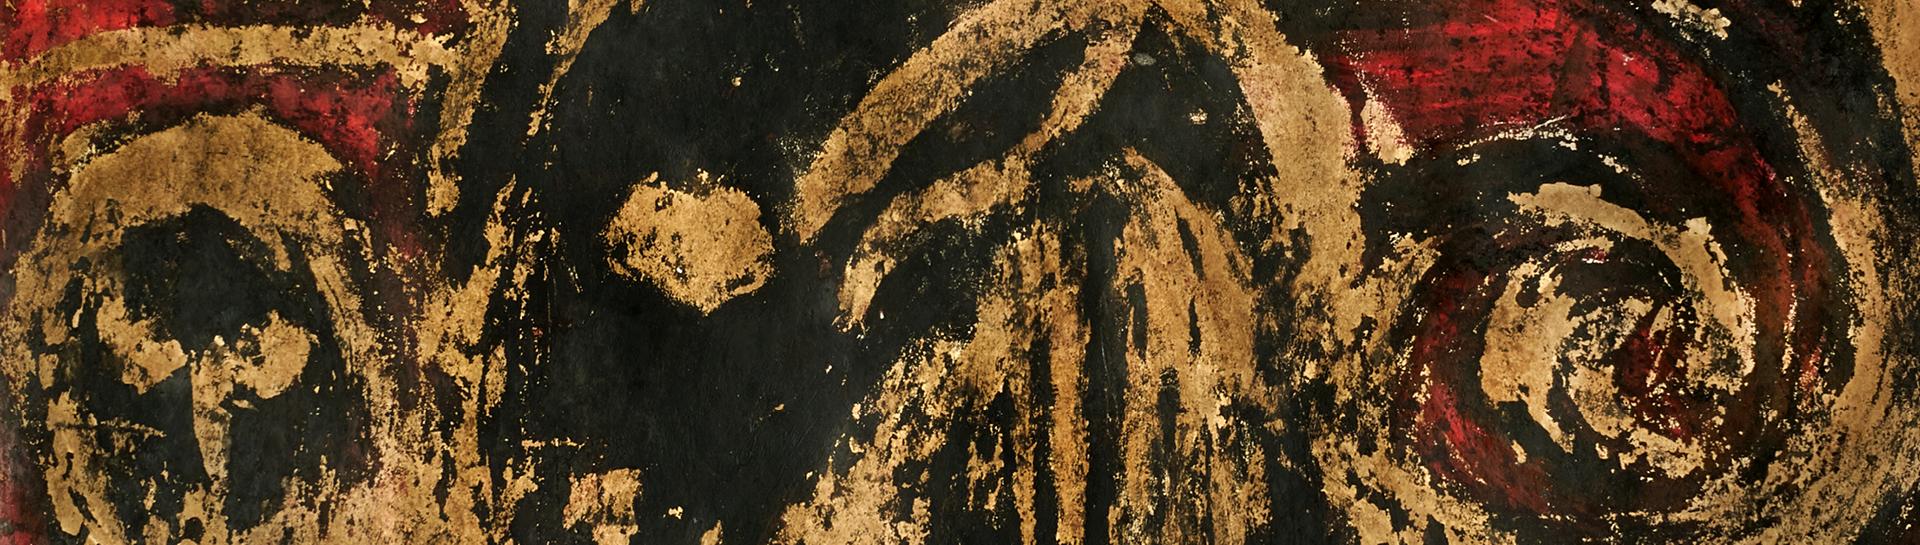 Detail of work by Michel Nedjar